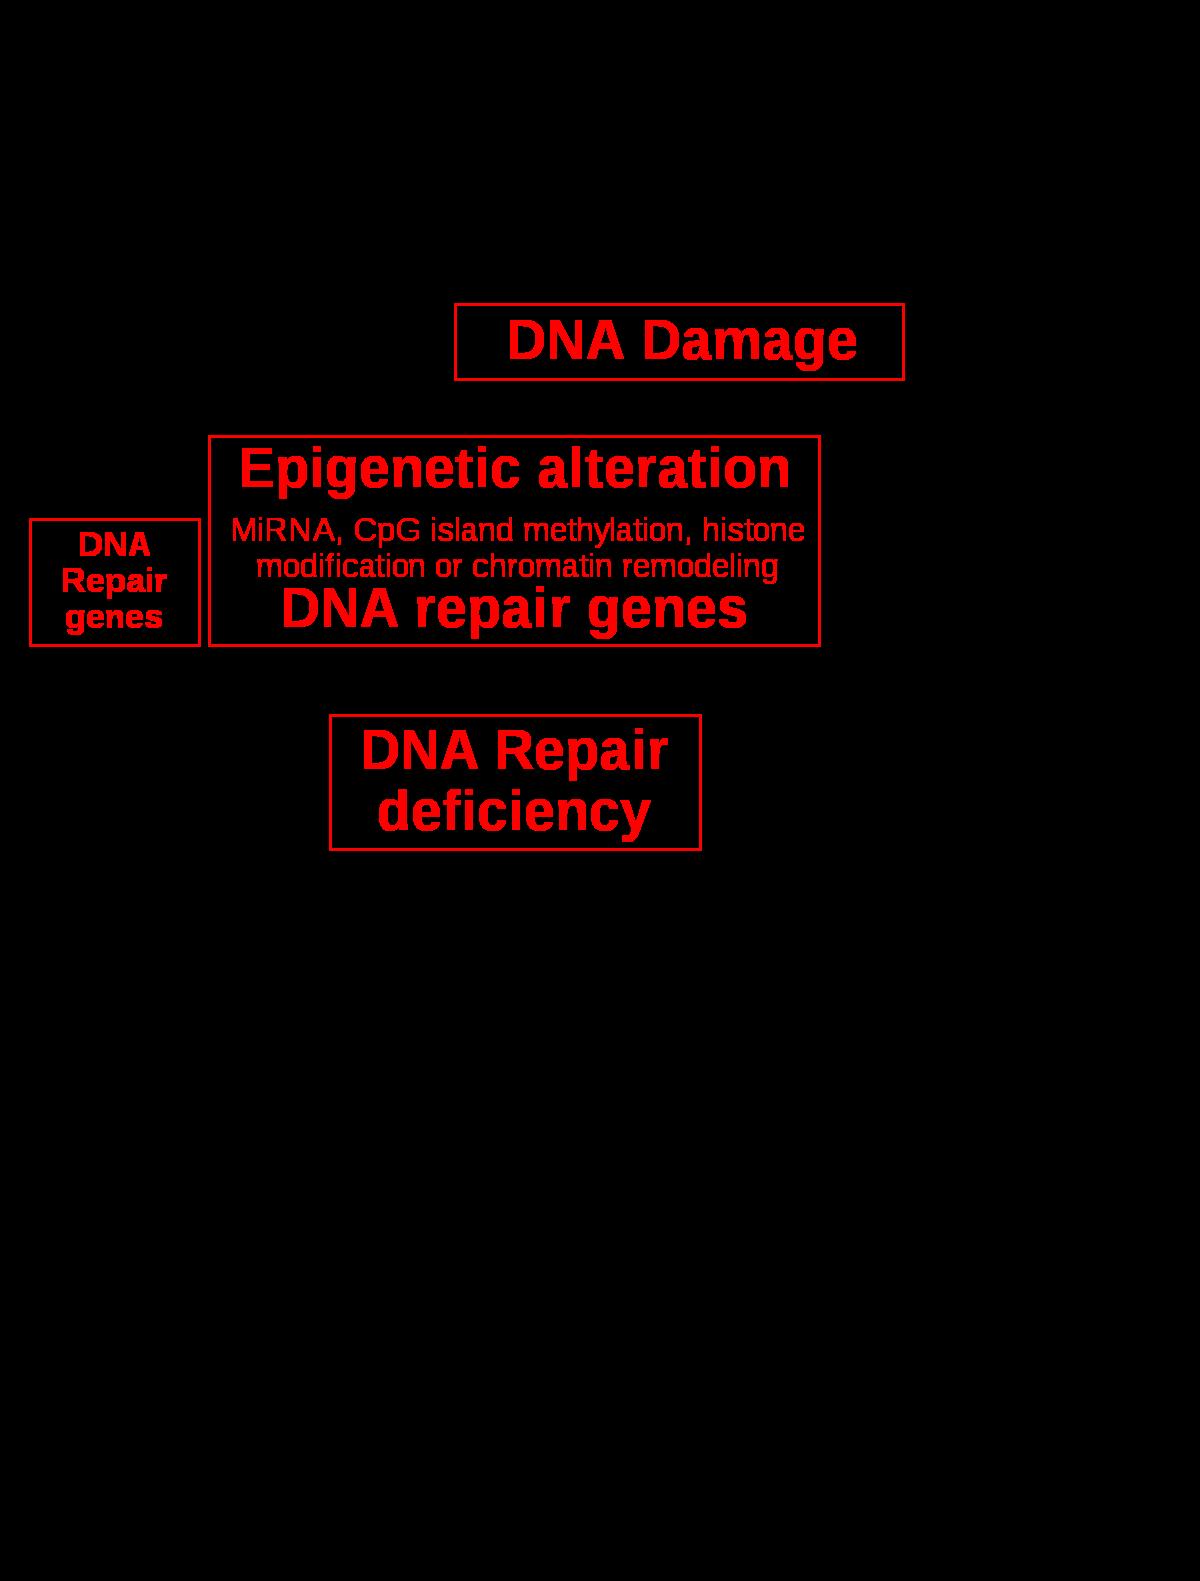 májrák tumor markerek széles spektrumú parazita készítmények emberek számára